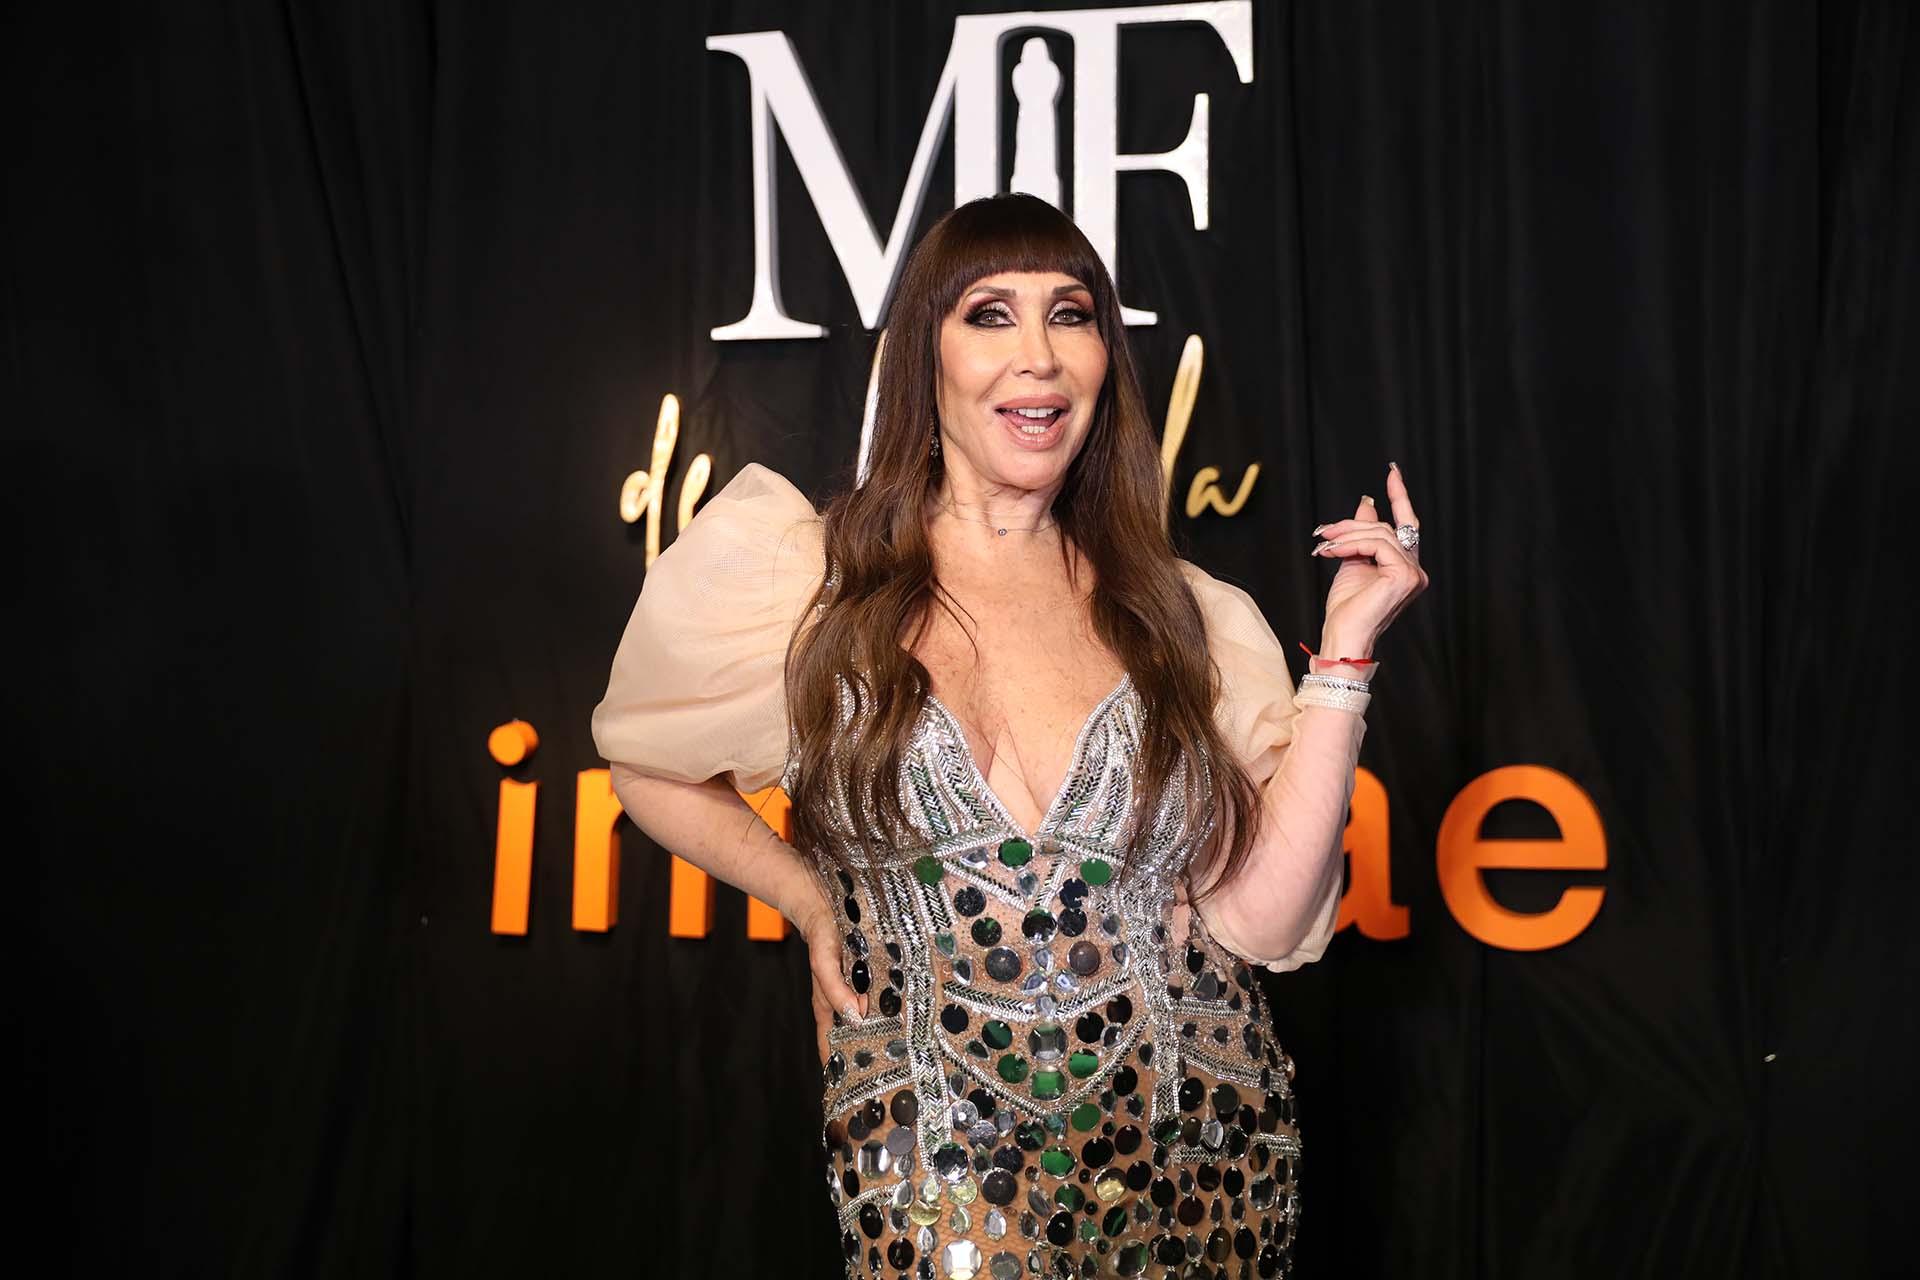 La diva argentina Moria Casán vestida por la diseñadora Maureene Dinar con un vestido de tul elastizado color rosa melón, con pedrería de canutillos (Chule Valerga)